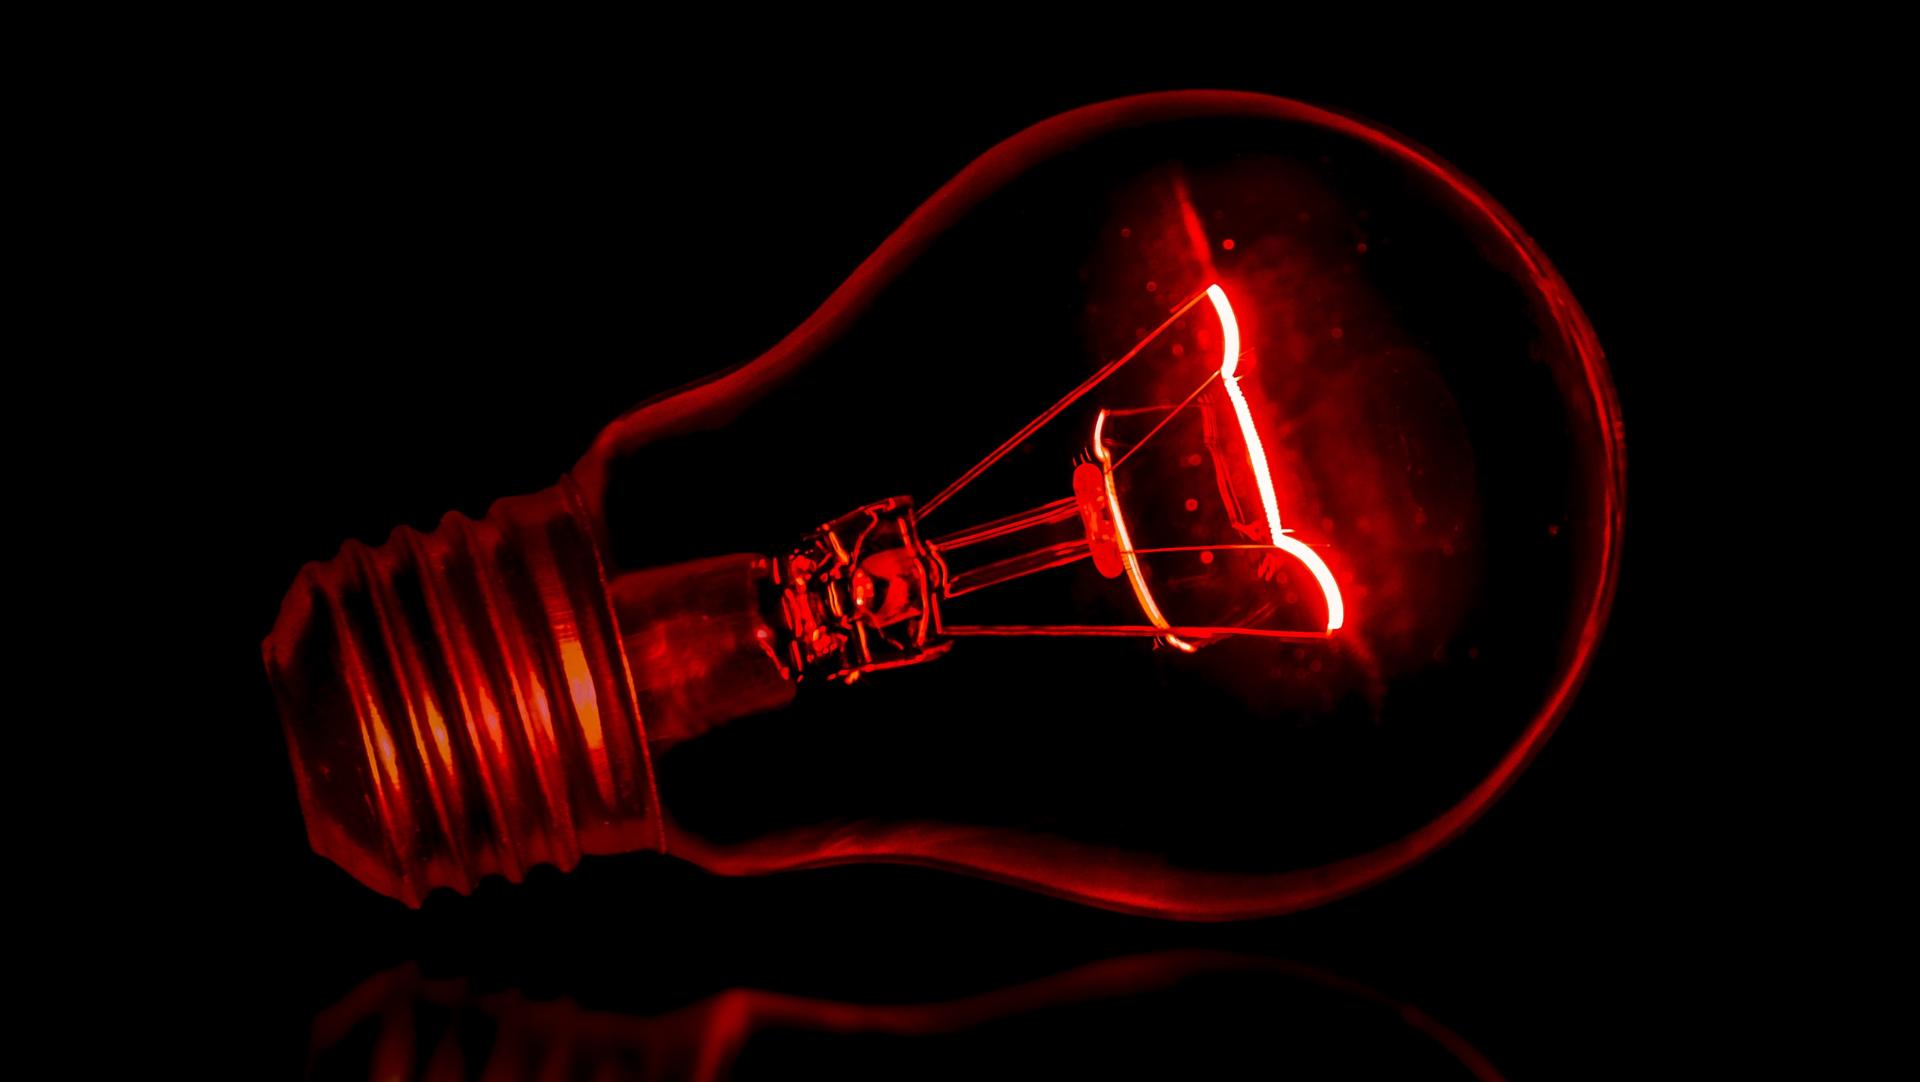 Industria e innovazione nell'era del 4.0: intervista a Warrant Innovation Lab